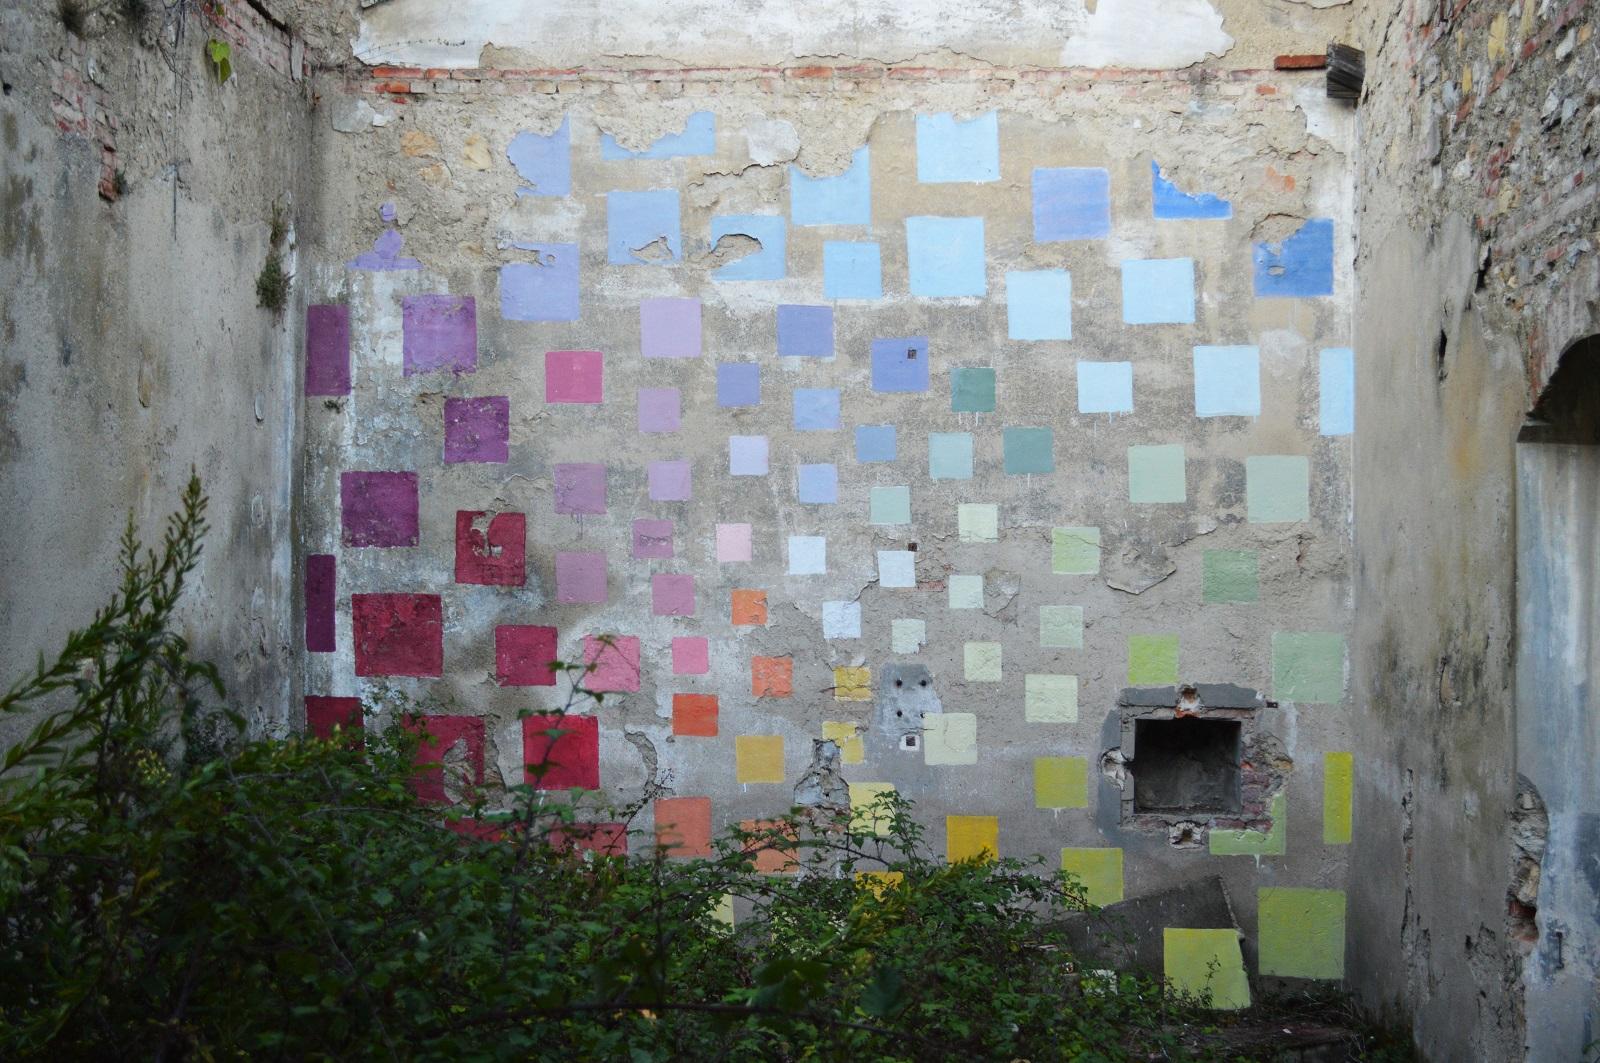 alberonero-new-mural-in-prato-01